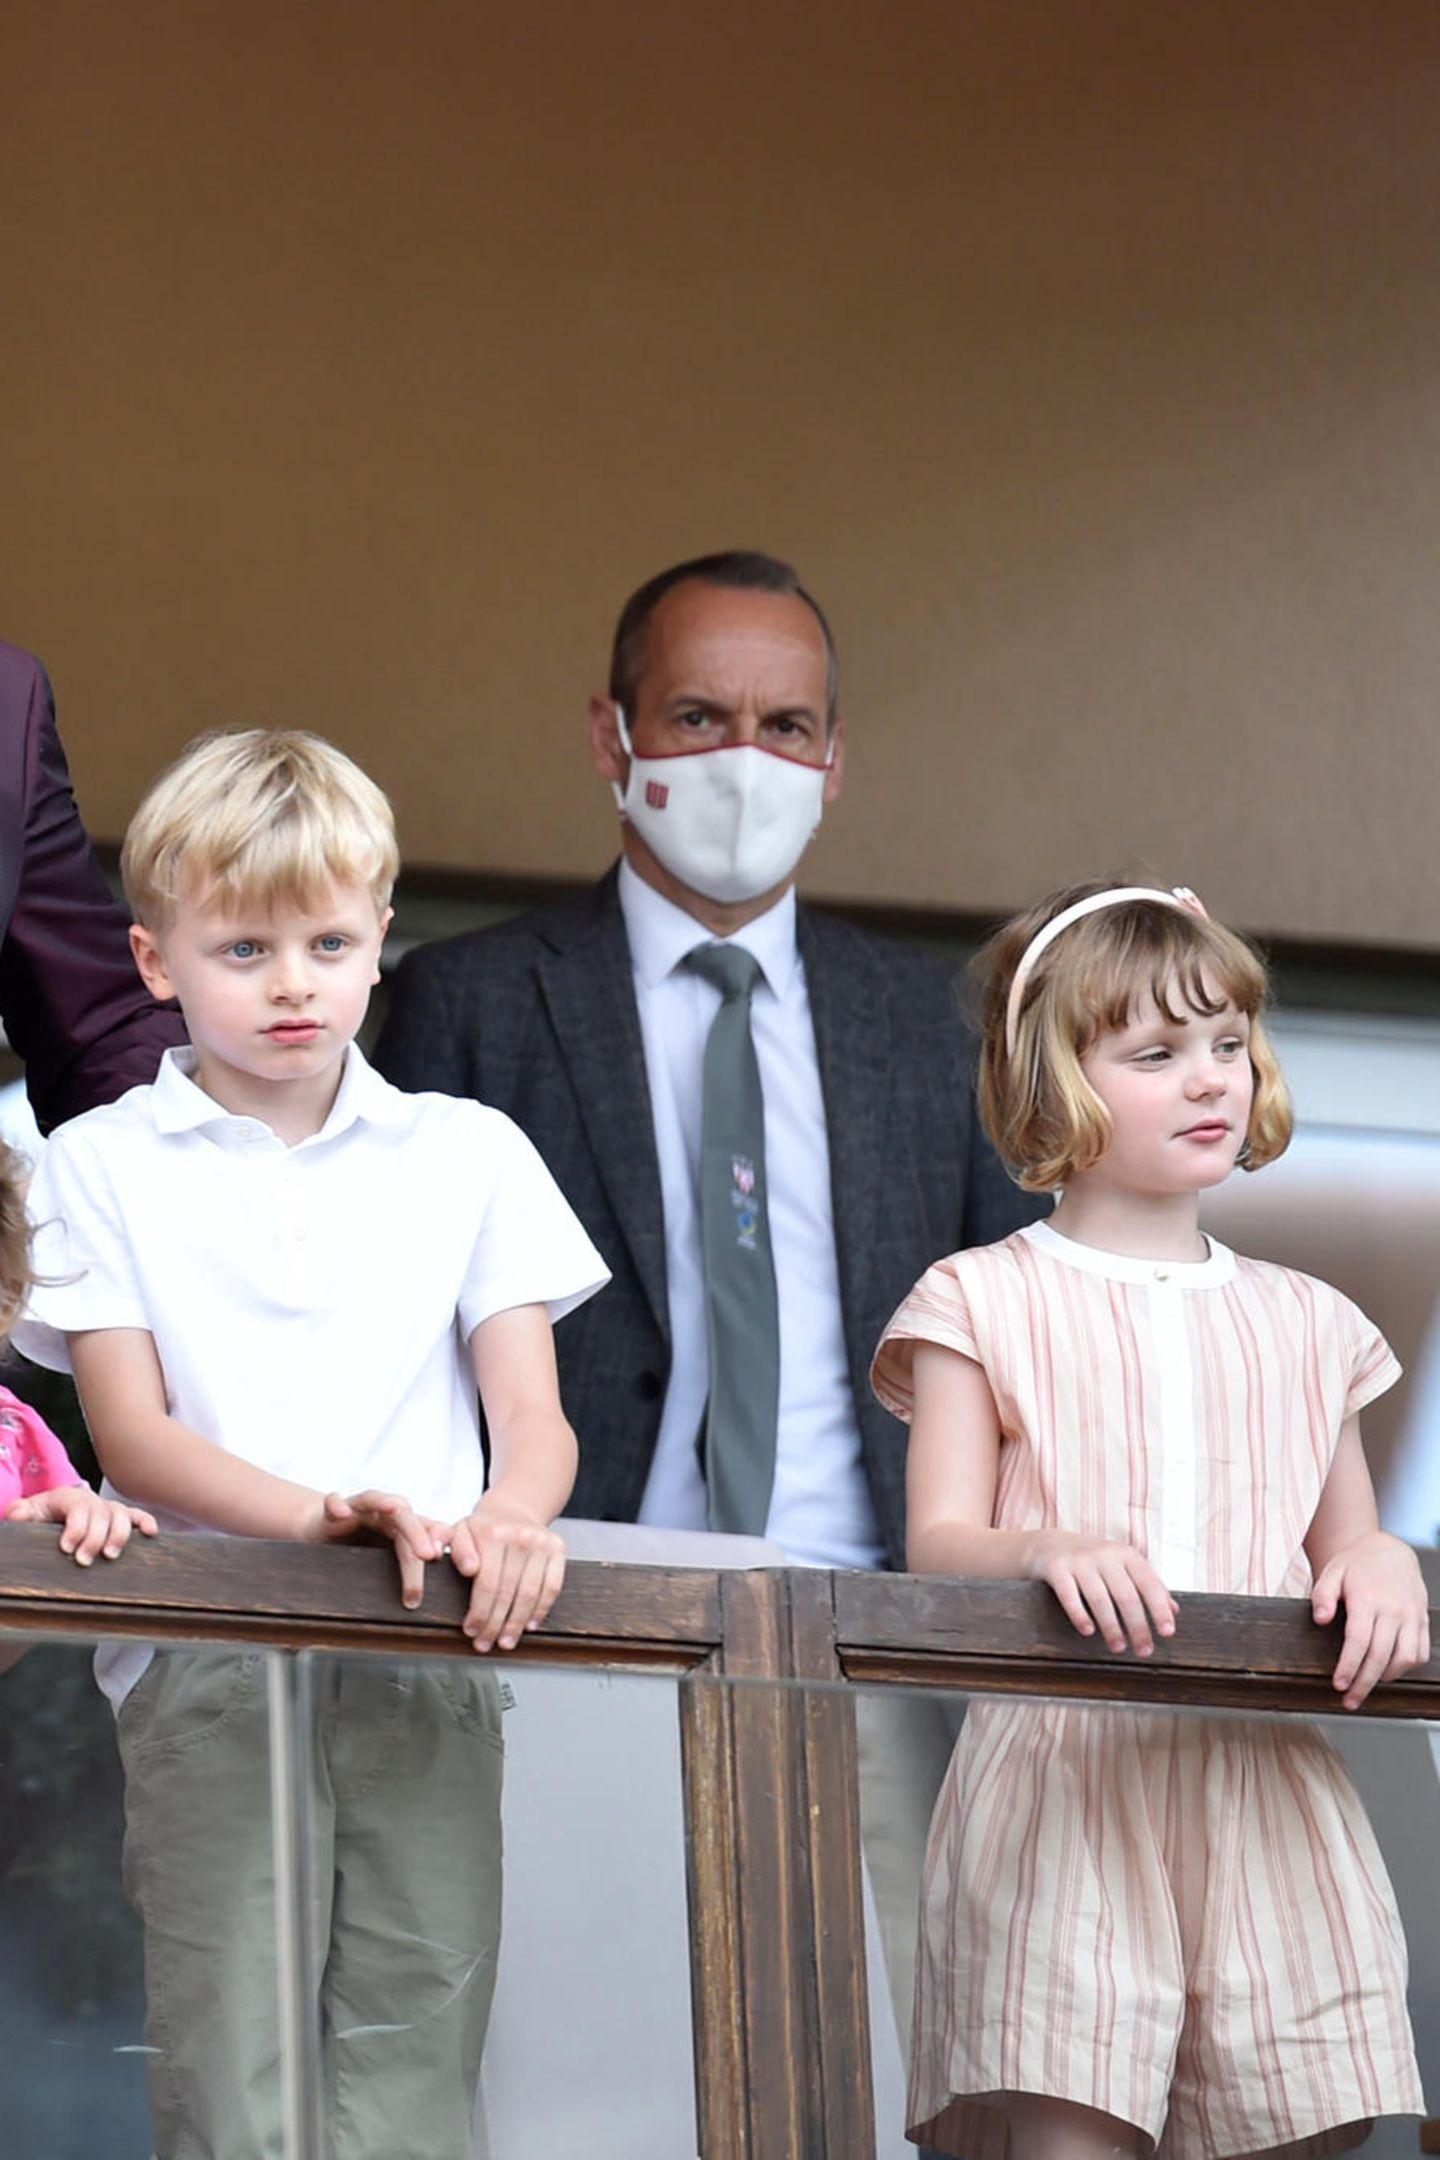 Auch in Monaco ist Sommer angesagt! Die royalen Zwillinge Prinzessin Gabriella und Prinz Jacques scheinen das Finale des World Rugby Sevens Repechage-Turniers in Monaco aufmerksam zu verfolgen. Dabei trägt die Prinzessin einen gestreiften Playsuit von Chloé und einen passenden Haarreif. Ihr Bruder setzt auf eine Kombi aus Hemd und khakifarbener Hose.